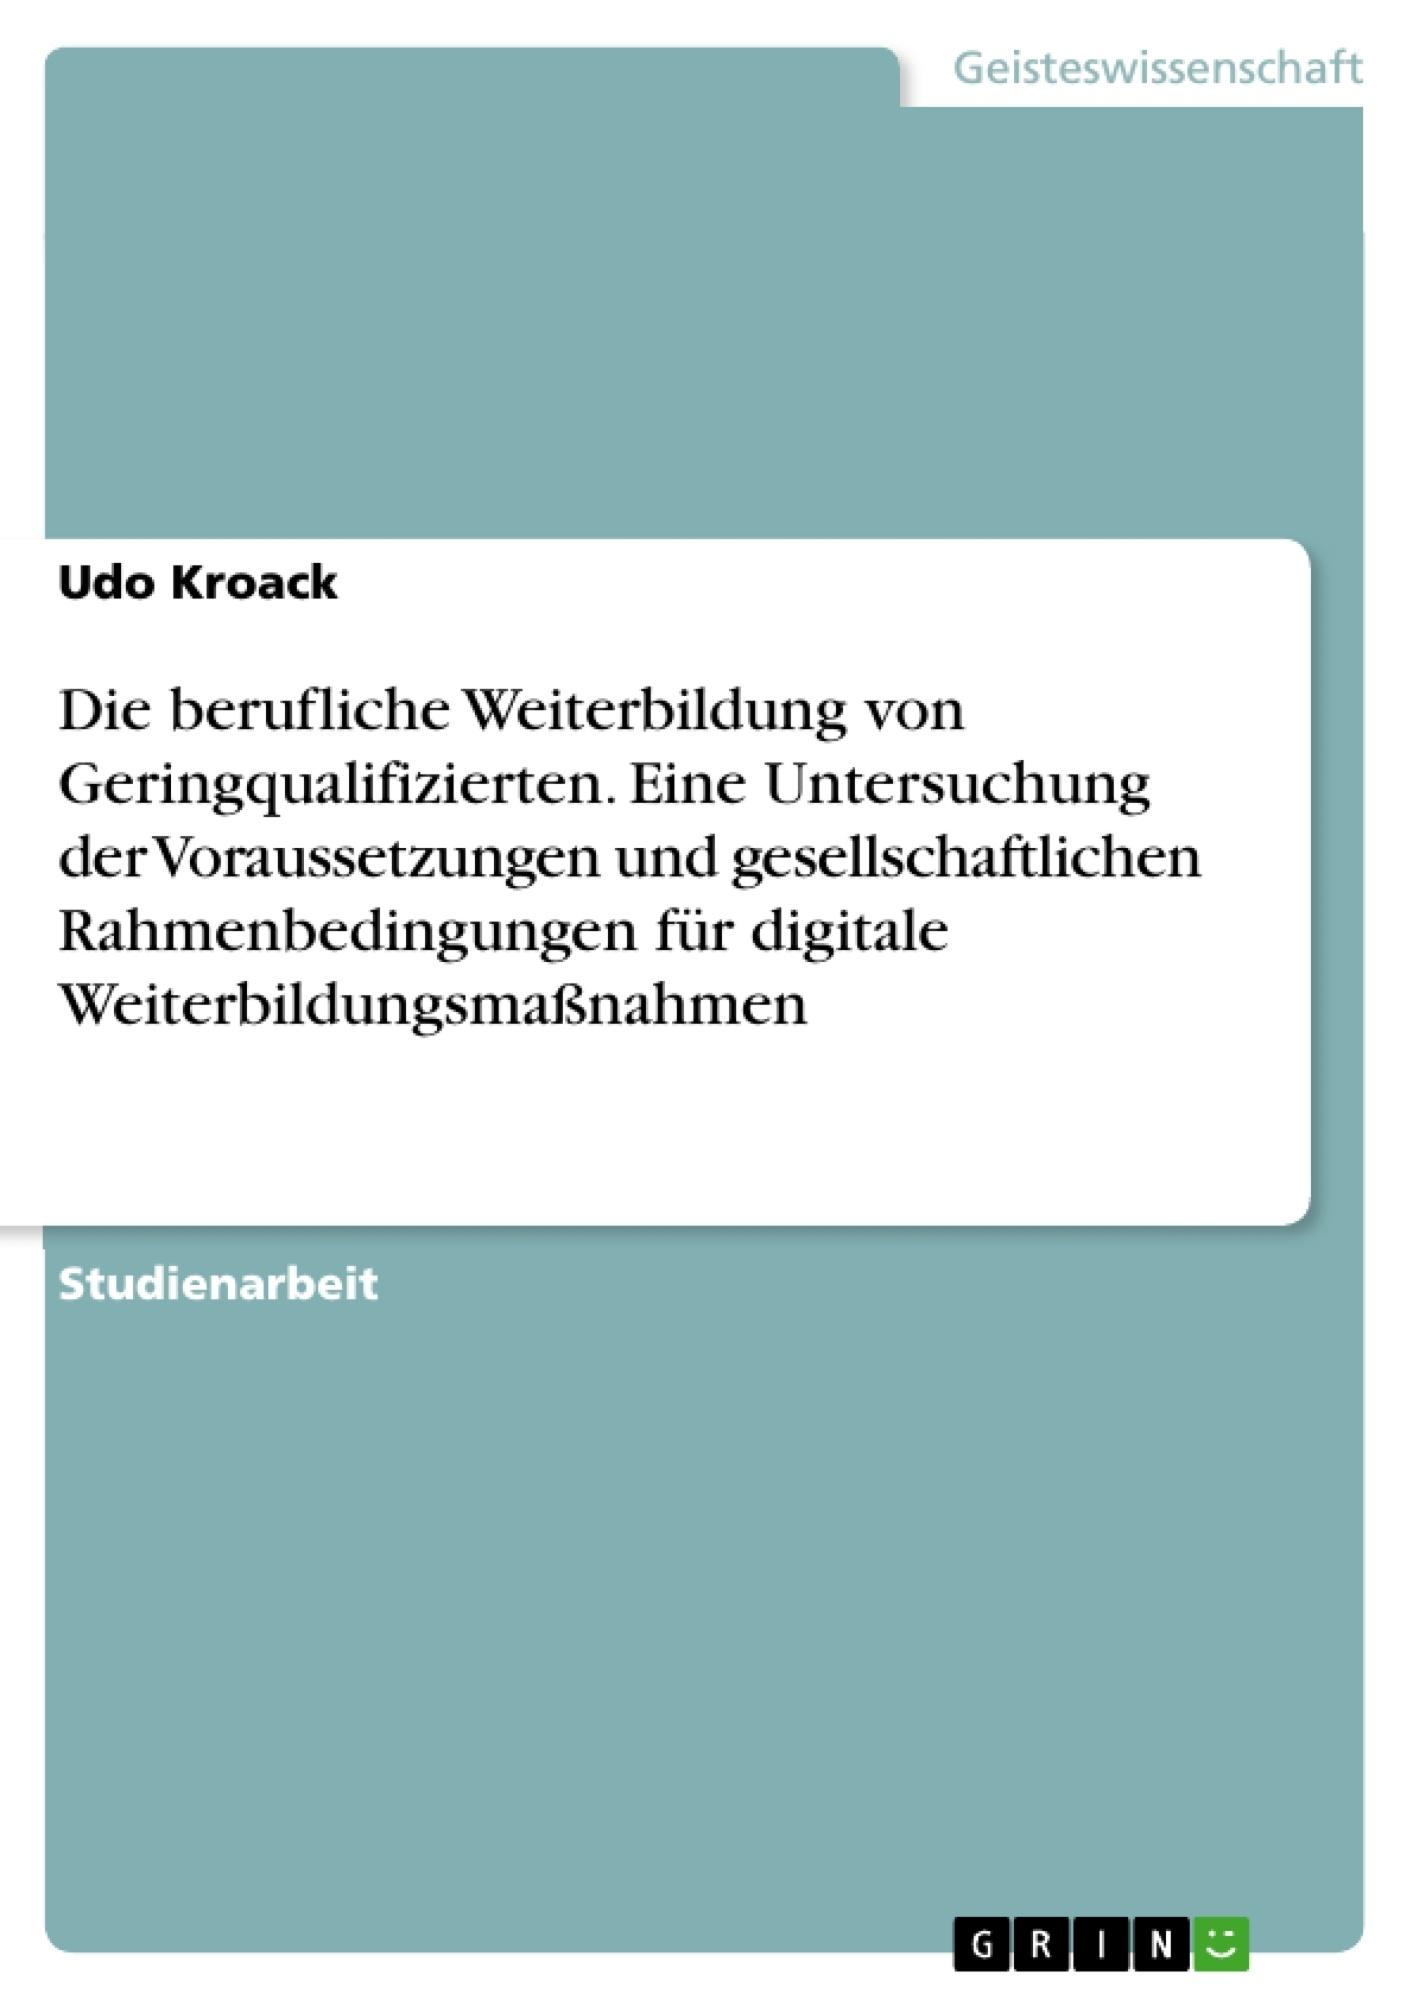 Titel: Die berufliche Weiterbildung von Geringqualifizierten. Eine Untersuchung der Voraussetzungen und gesellschaftlichen Rahmenbedingungen für digitale Weiterbildungsmaßnahmen